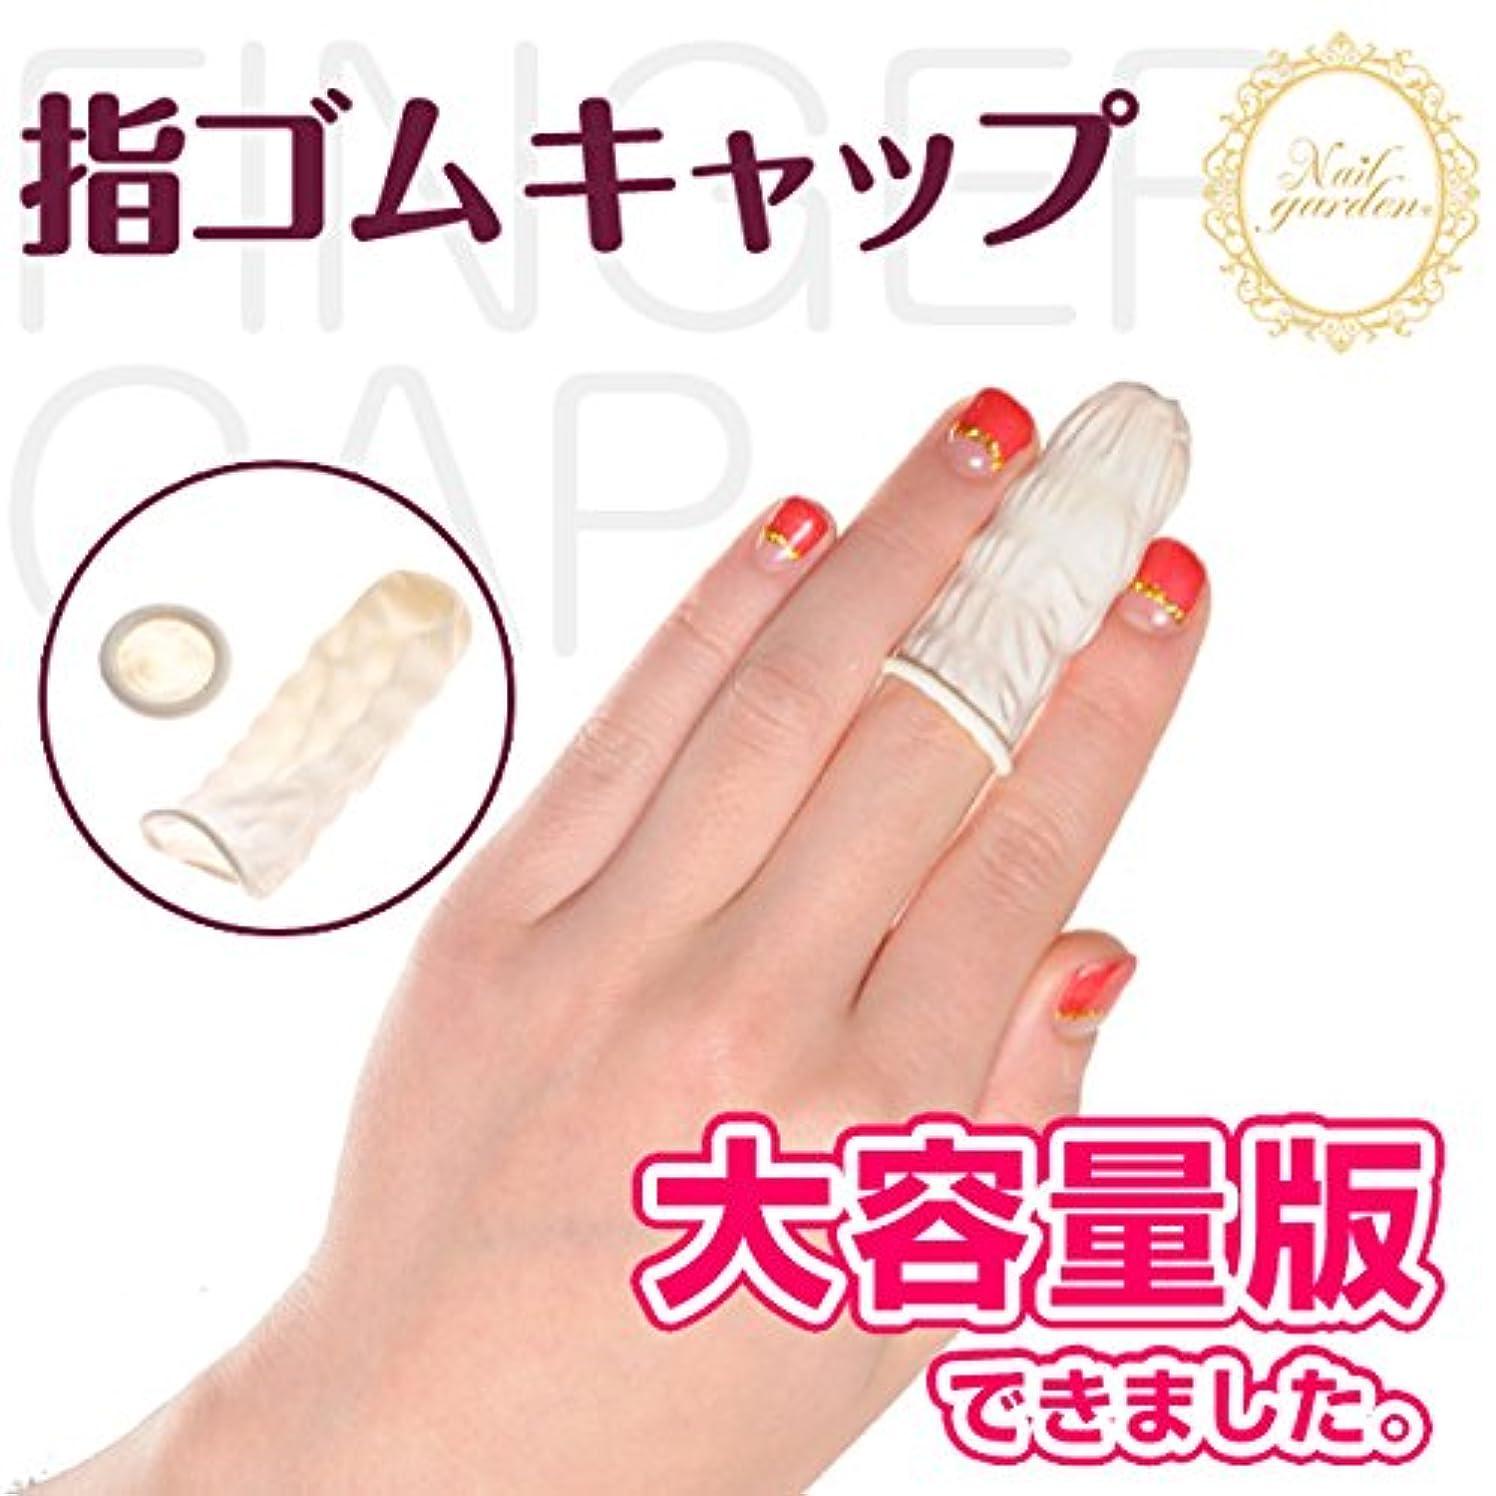 ブレンド絶滅した中性指ゴムキャップ☆ジェルネイルオフ用☆100個入り/ジェルネイル カラージェル ネイル用品